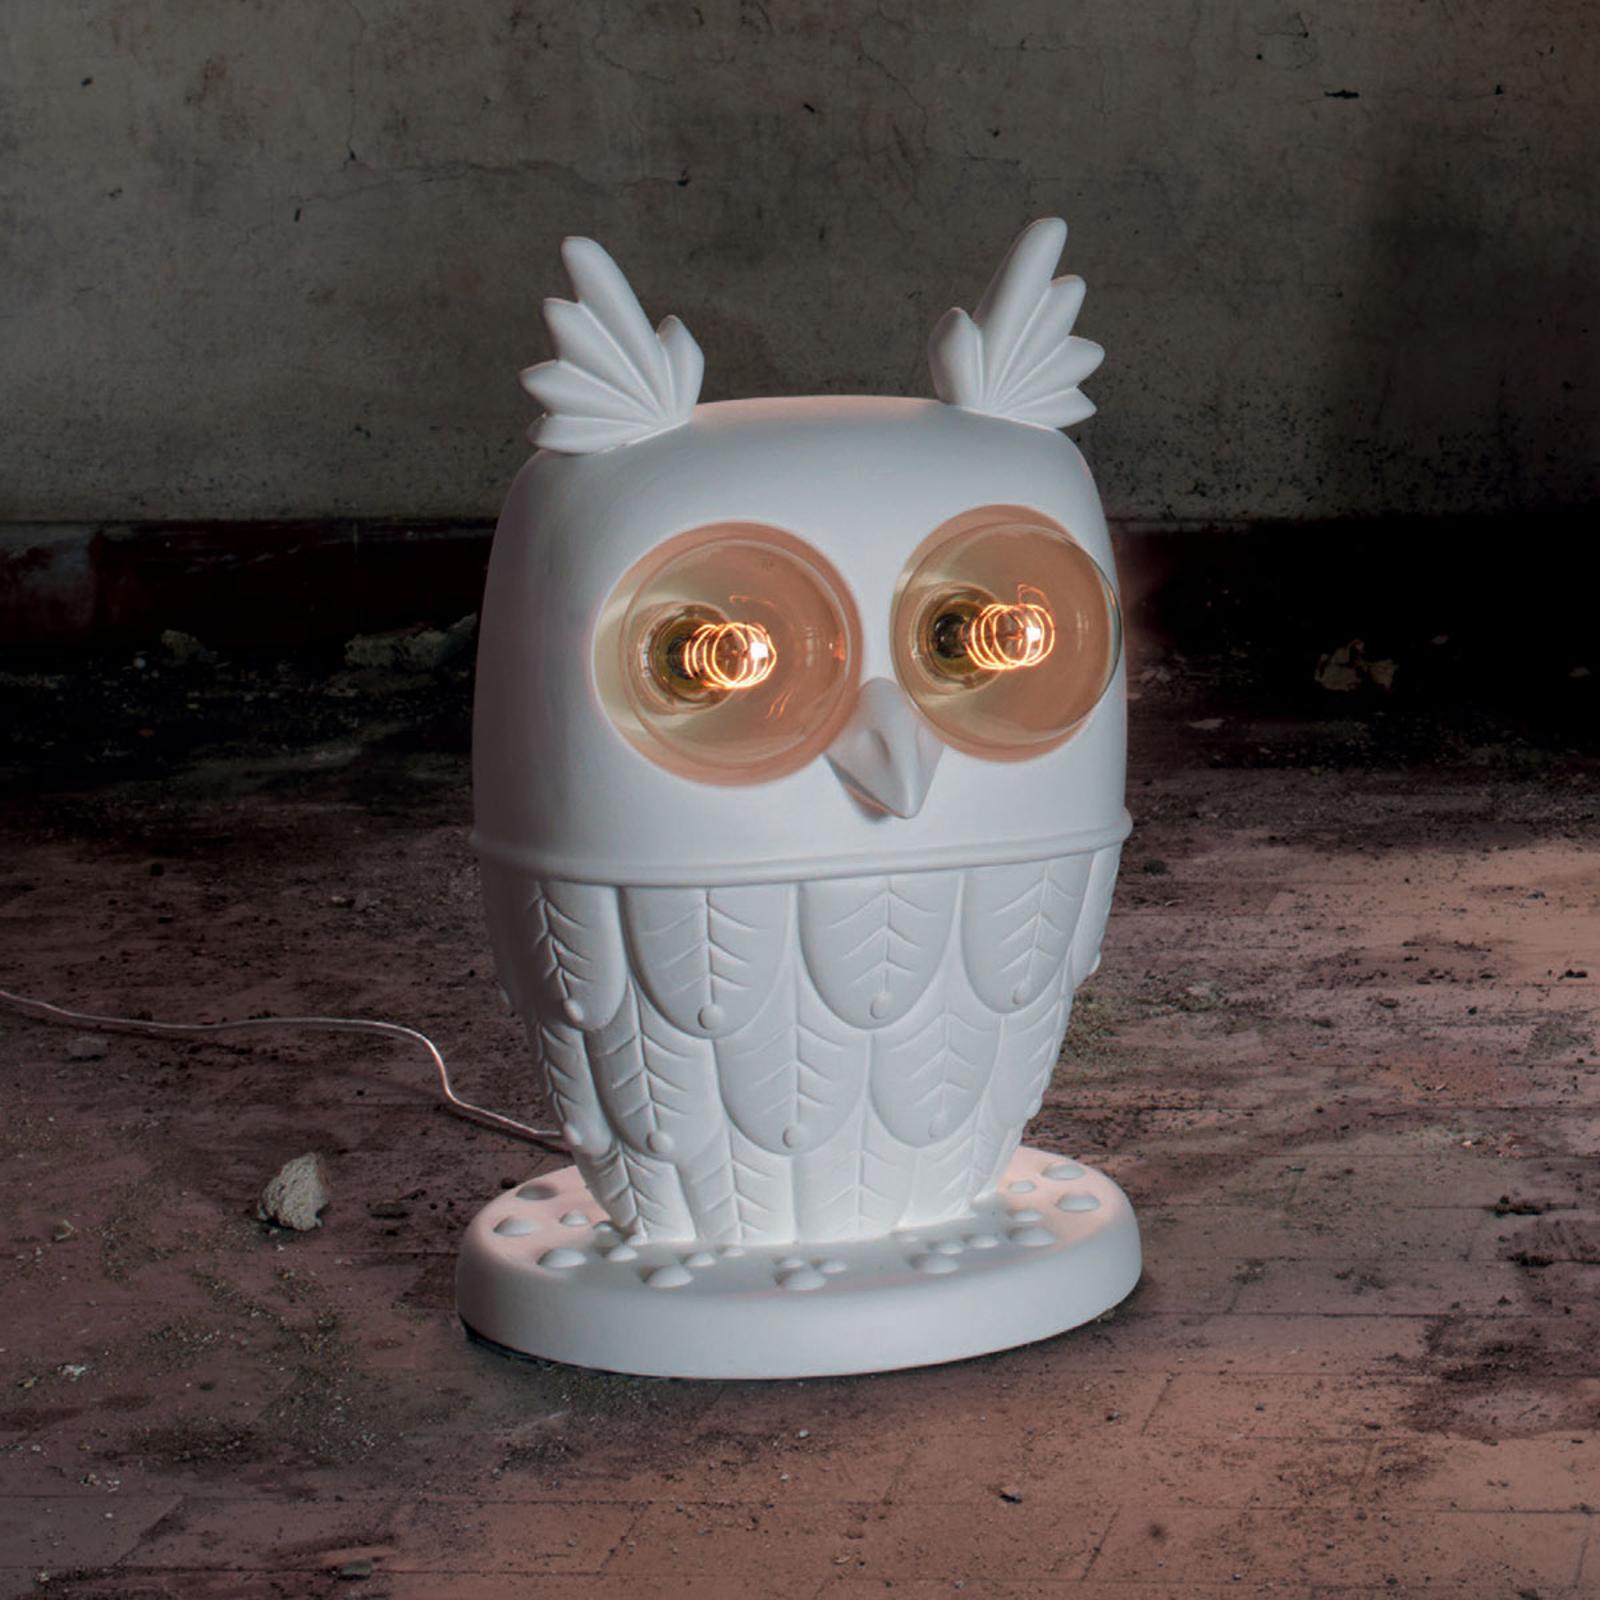 Karman lampa stołowa Ti Vedo w kształcie sowy